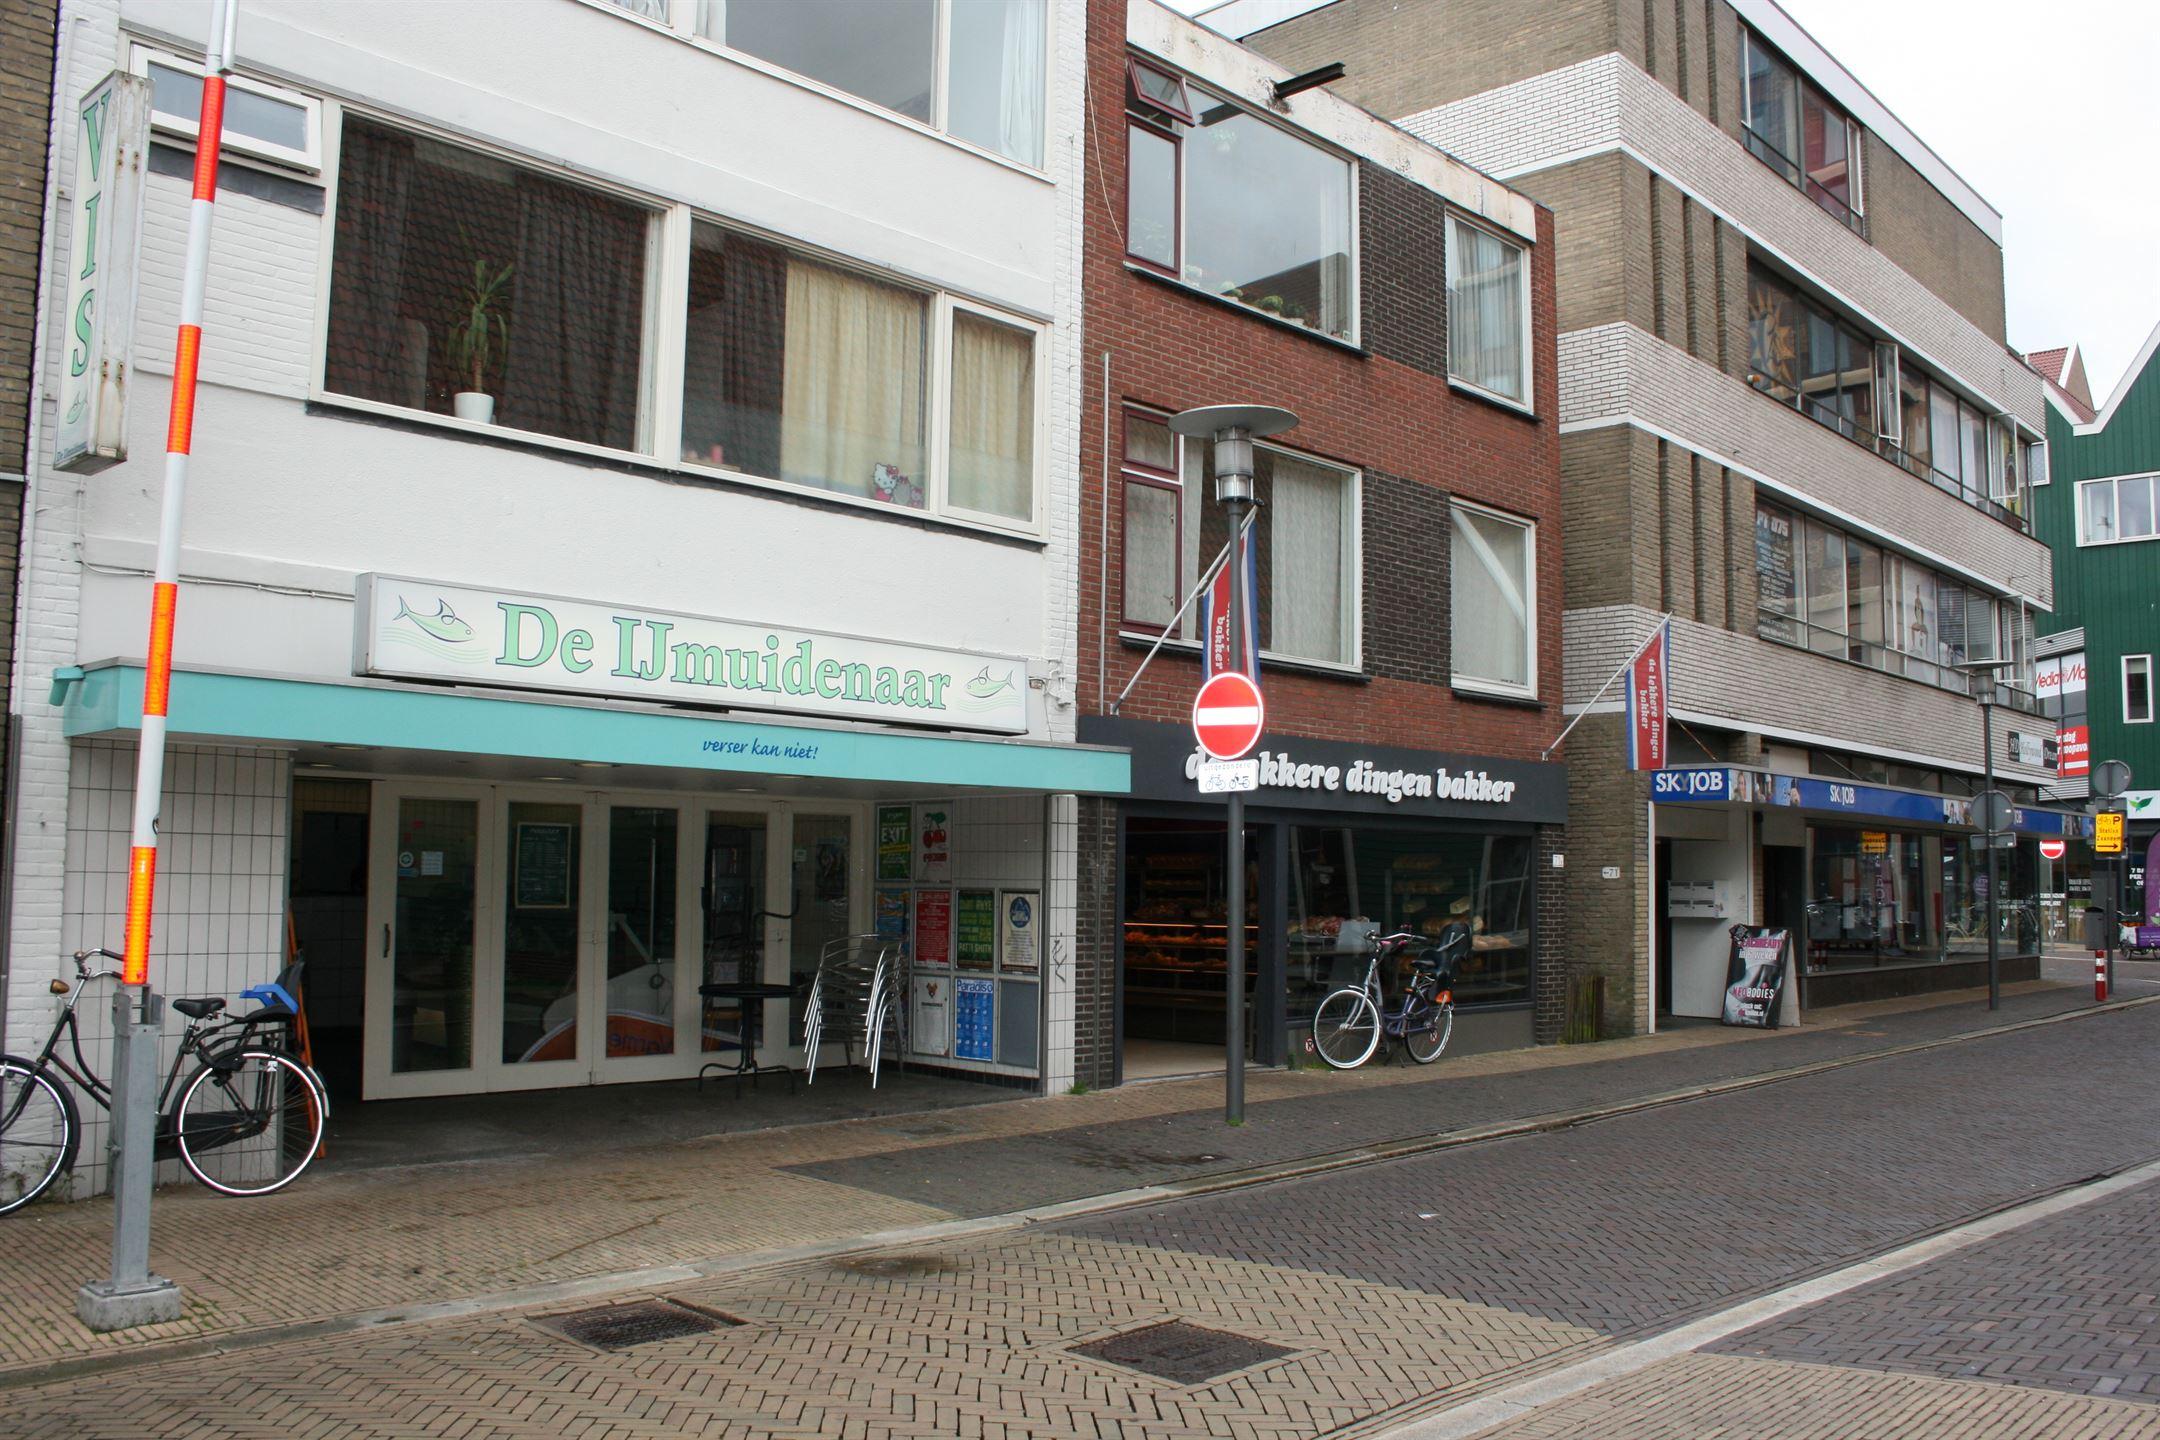 Winkel te koop  Rozengracht 69 1506 SH Zaandam [funda in business]